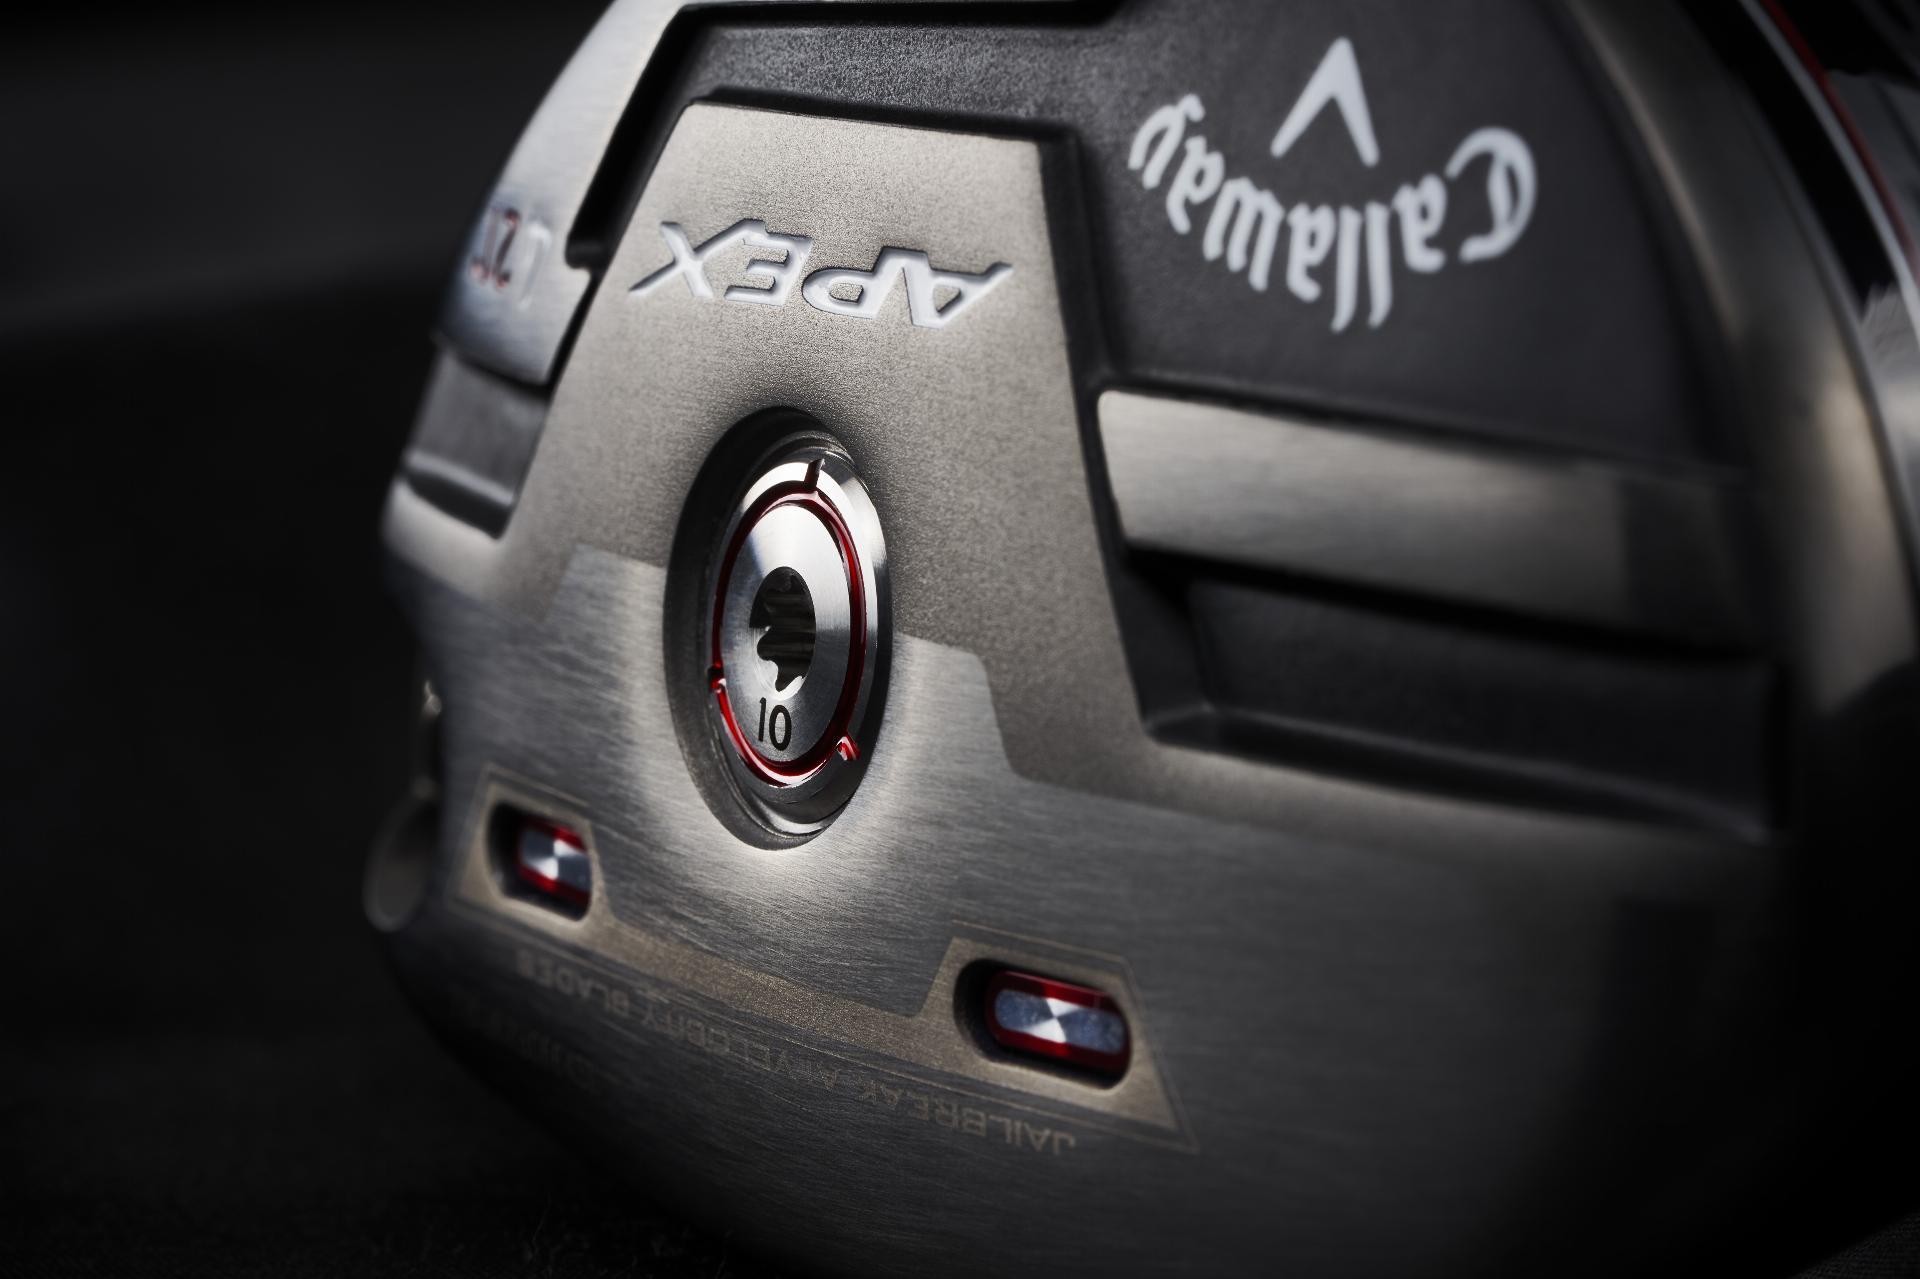 Apex 21 Hybrid